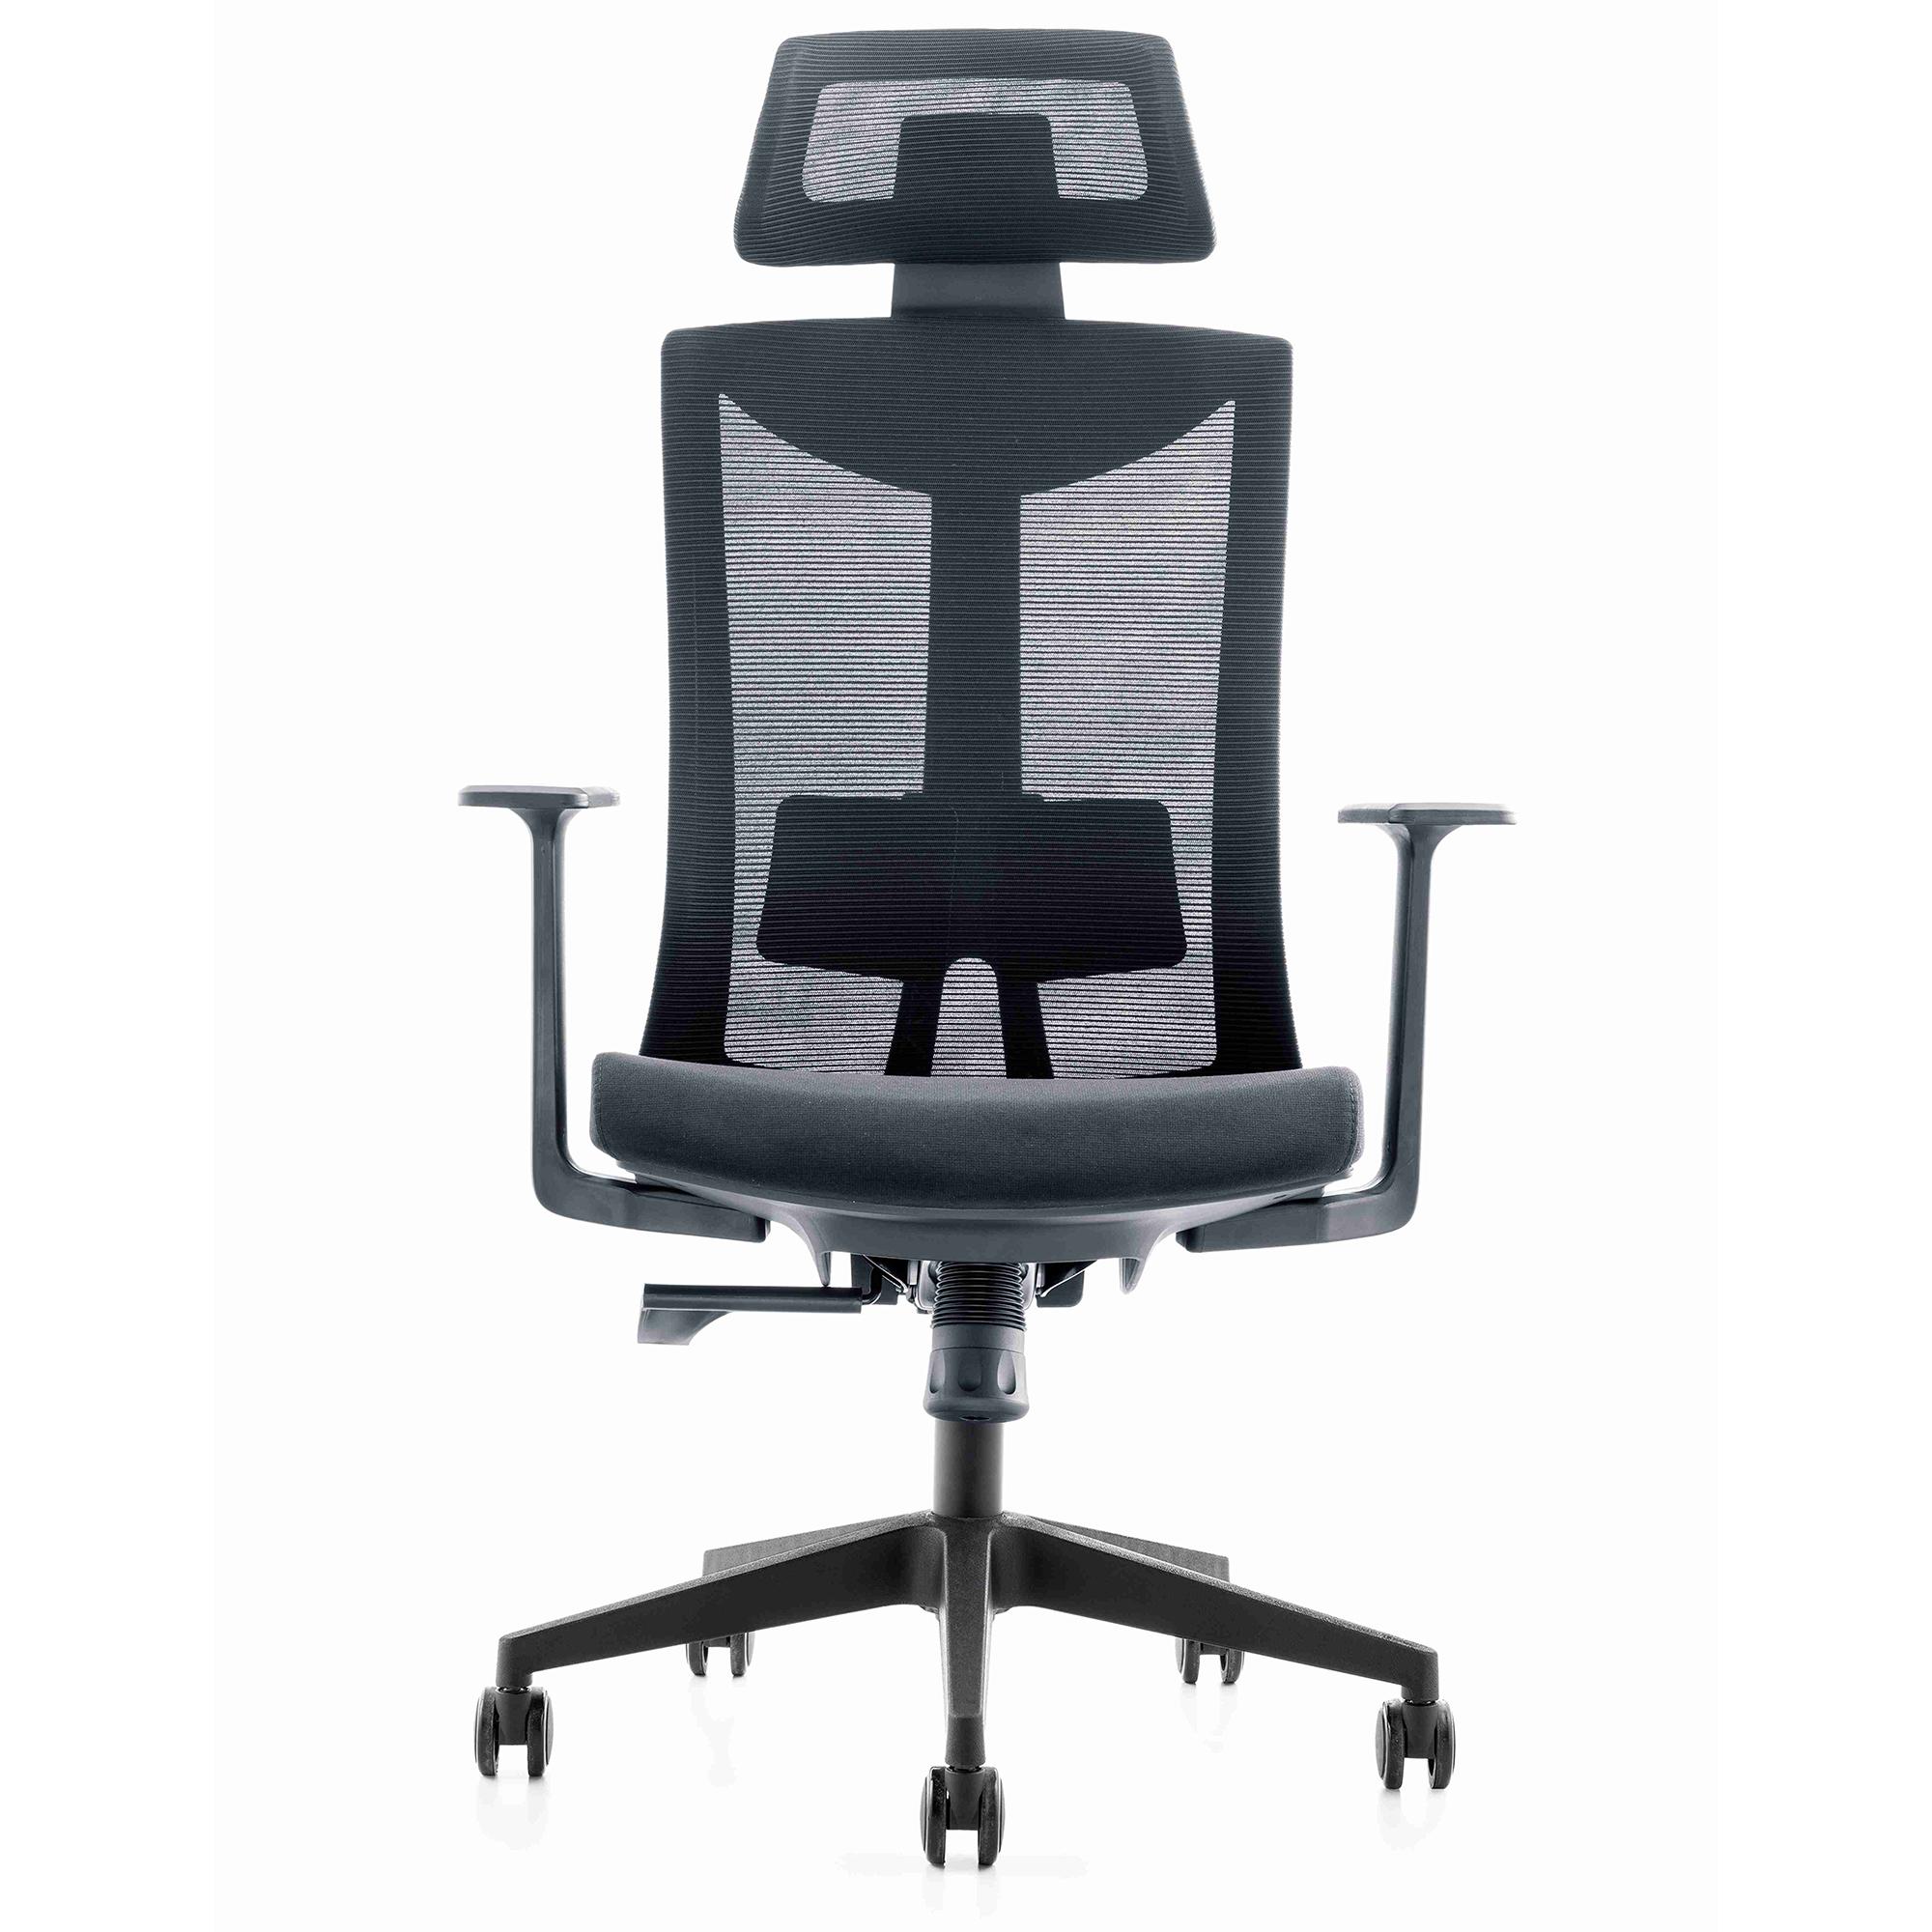 专业办公网椅旋转升降网布电脑椅家用带转椅人体工学电脑椅子办公椅会议椅